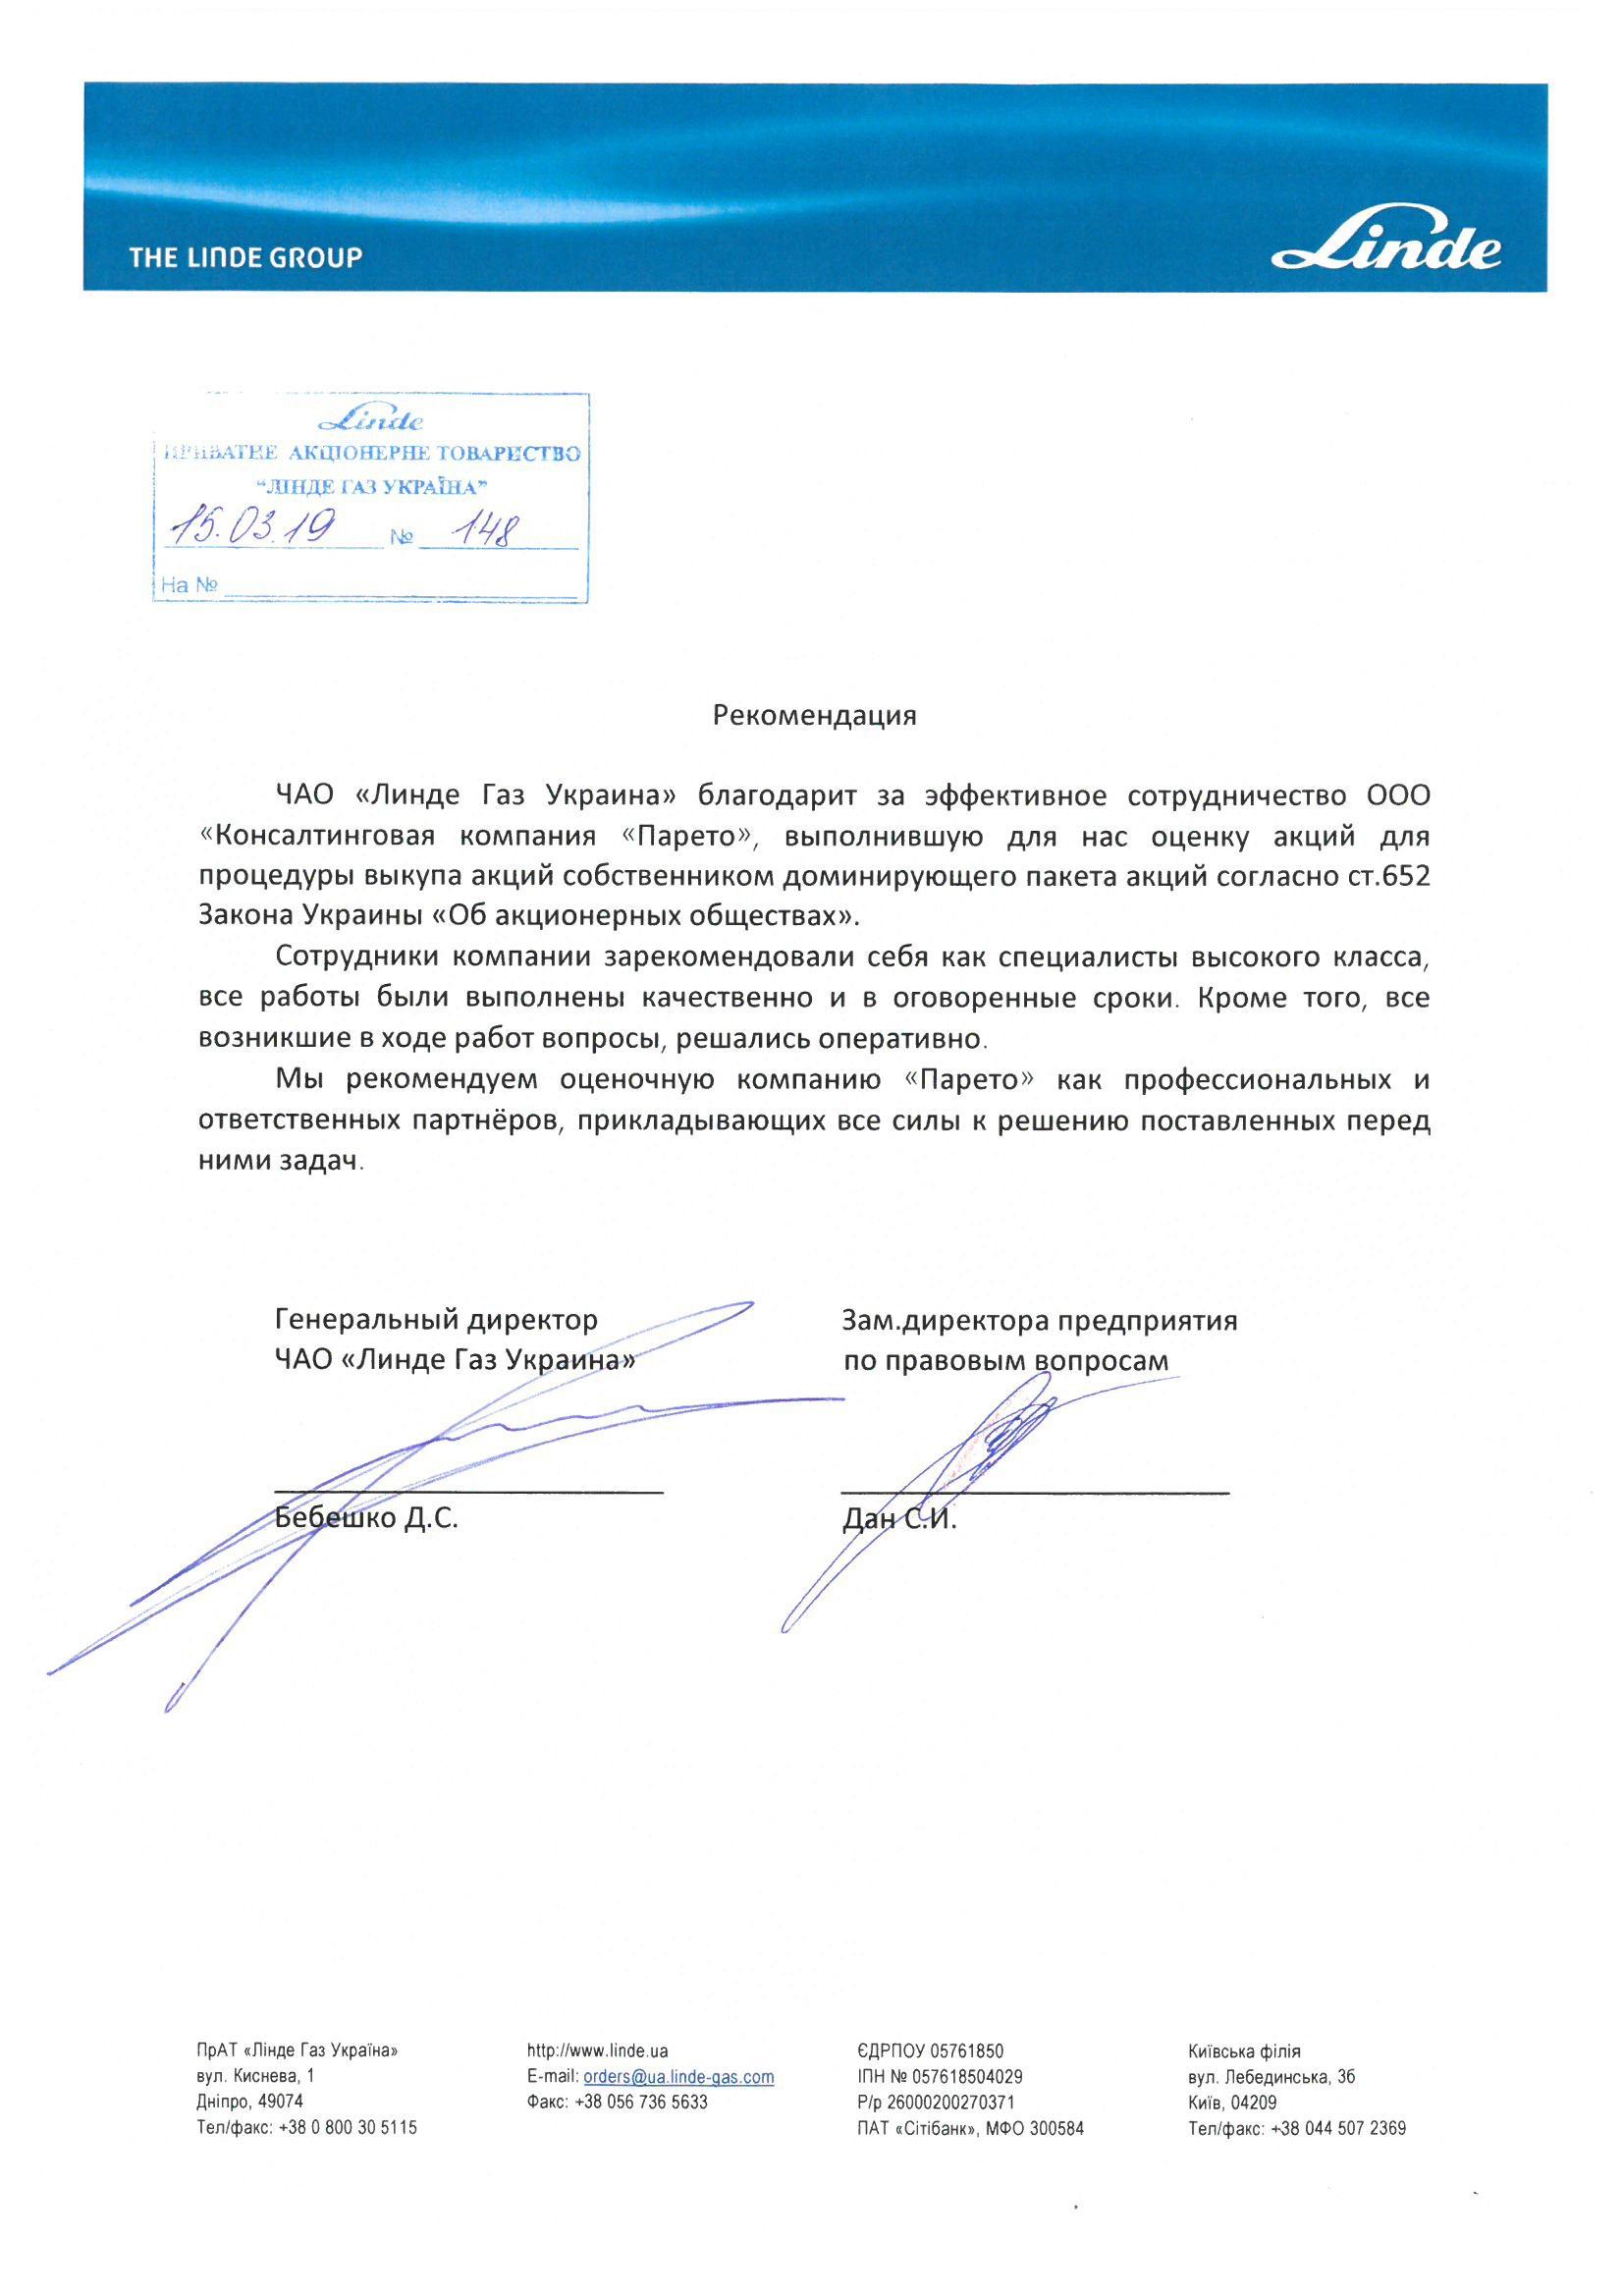 ЭКСПЕРТНАЯ ОЦЕНКА ВСЕХ ВИДОВ ИМУЩЕСТВА, Рекомендация от одного из крупнейших производителей мороженого и  замороженных продуктов в Украине ООО «Три медведя»